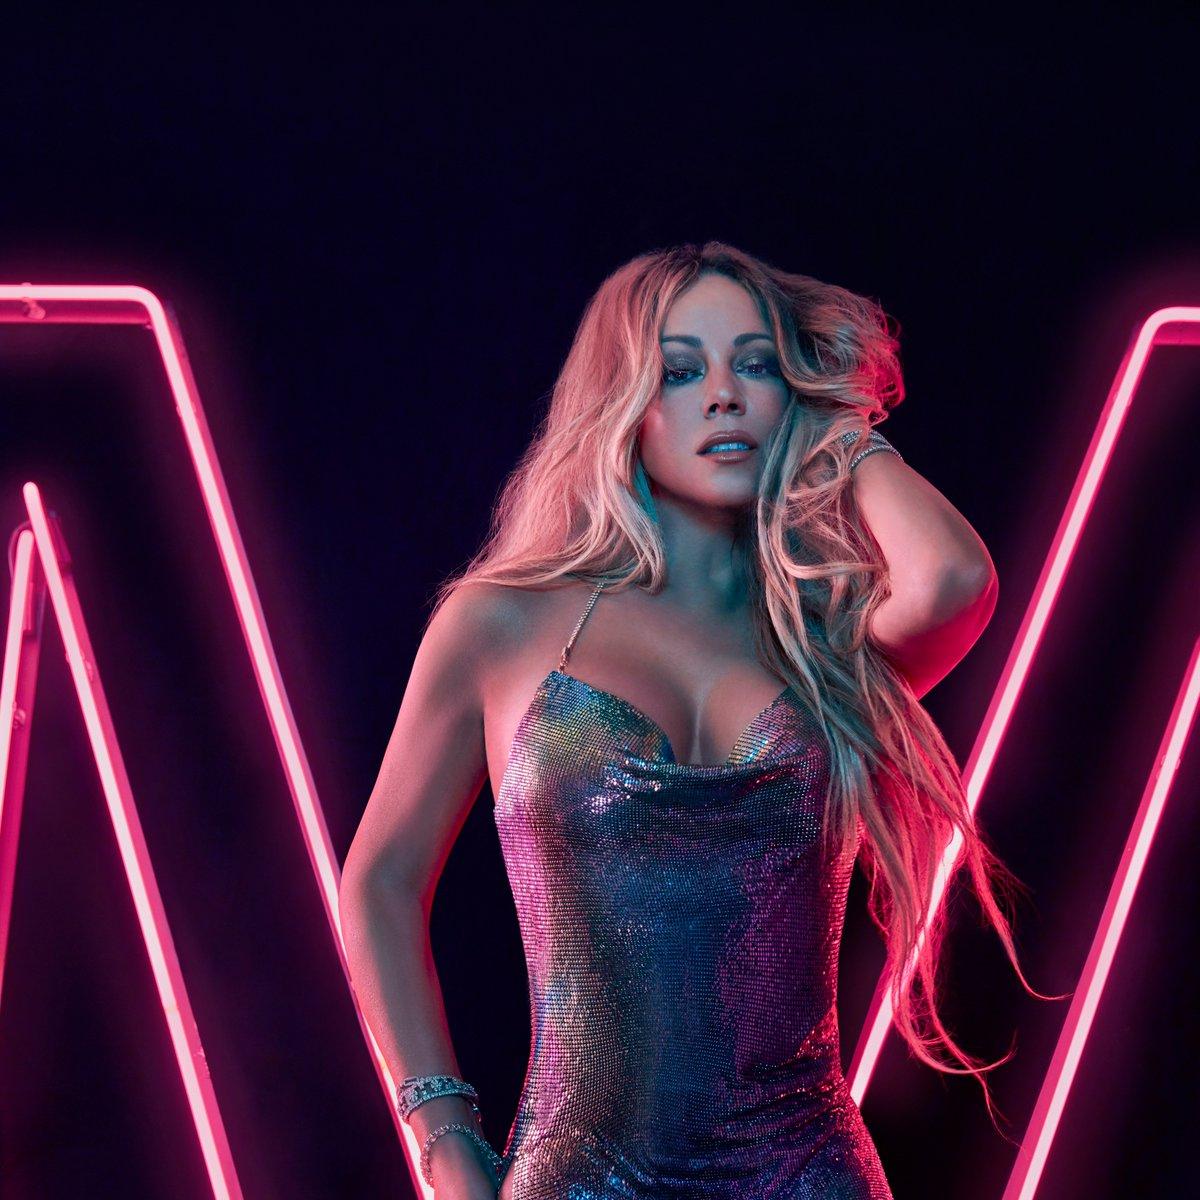 It's @MariahCarey season. Listen to #Caution now. spoti.fi/2FAkqxQ